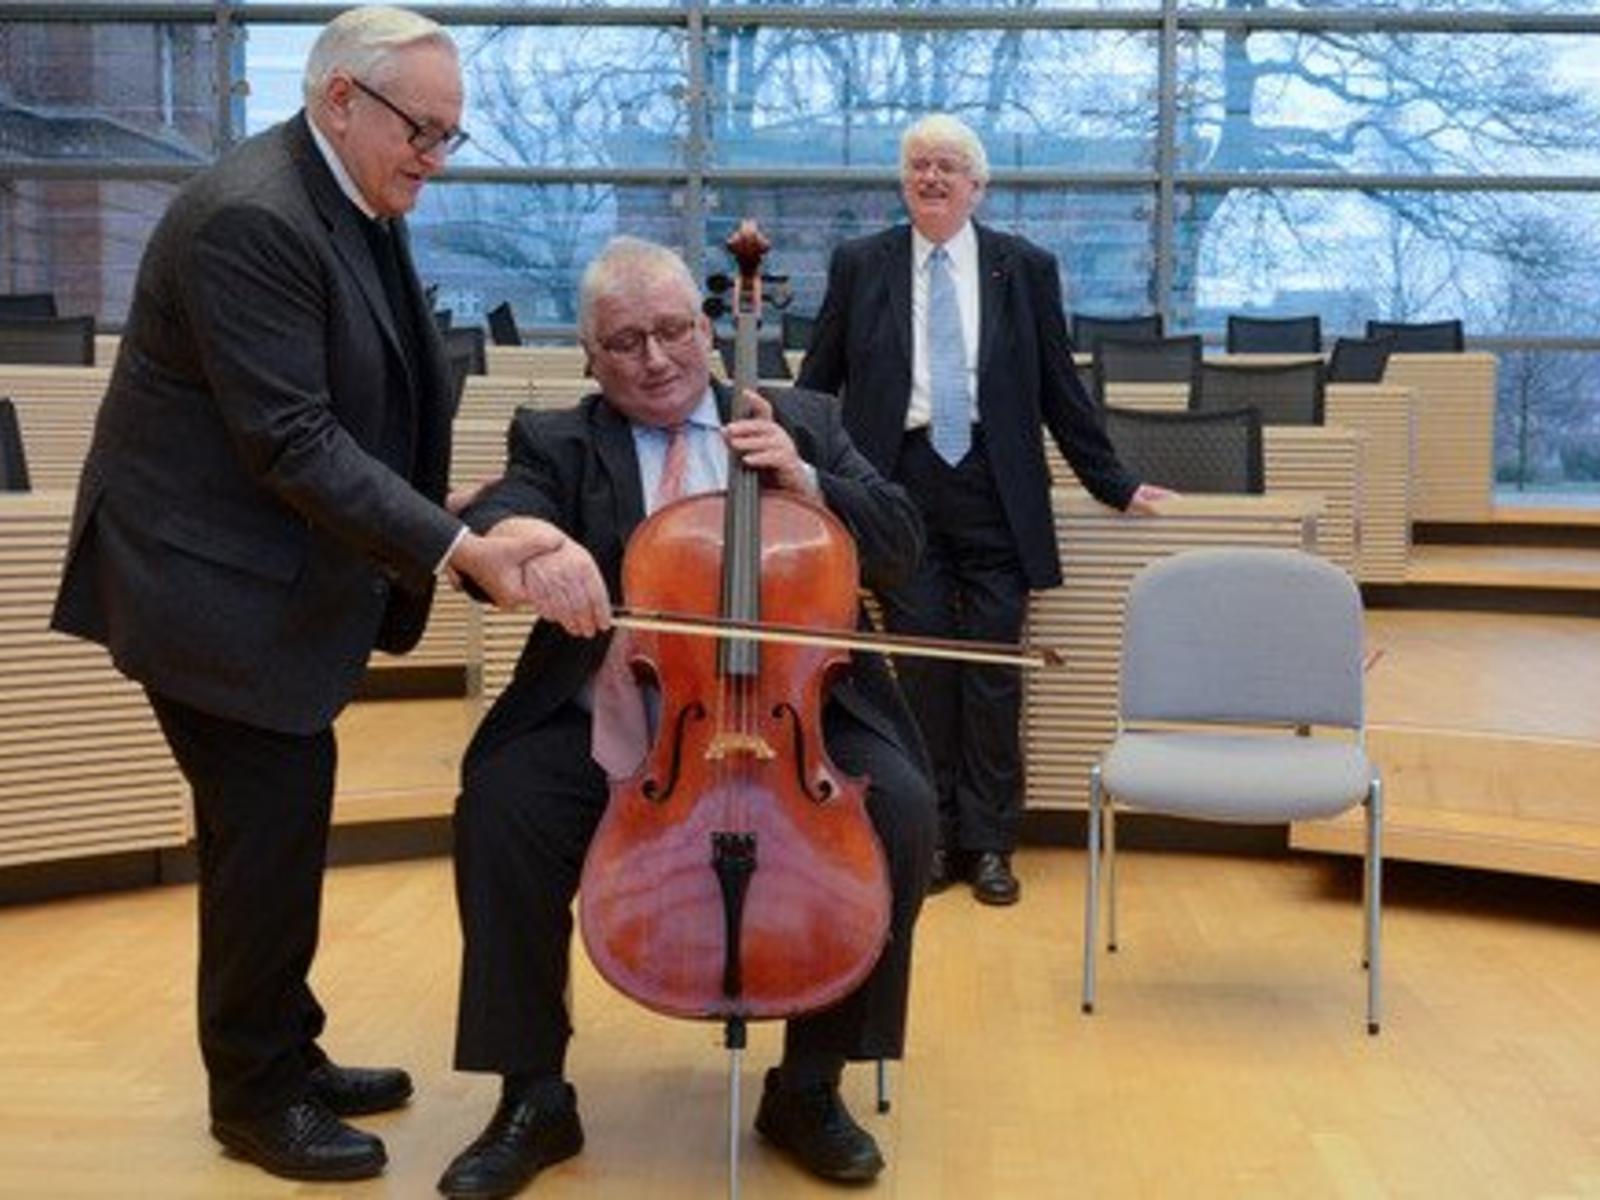 Kieler Nachrichten | Der Cello-Ton geht direkt ins Herz